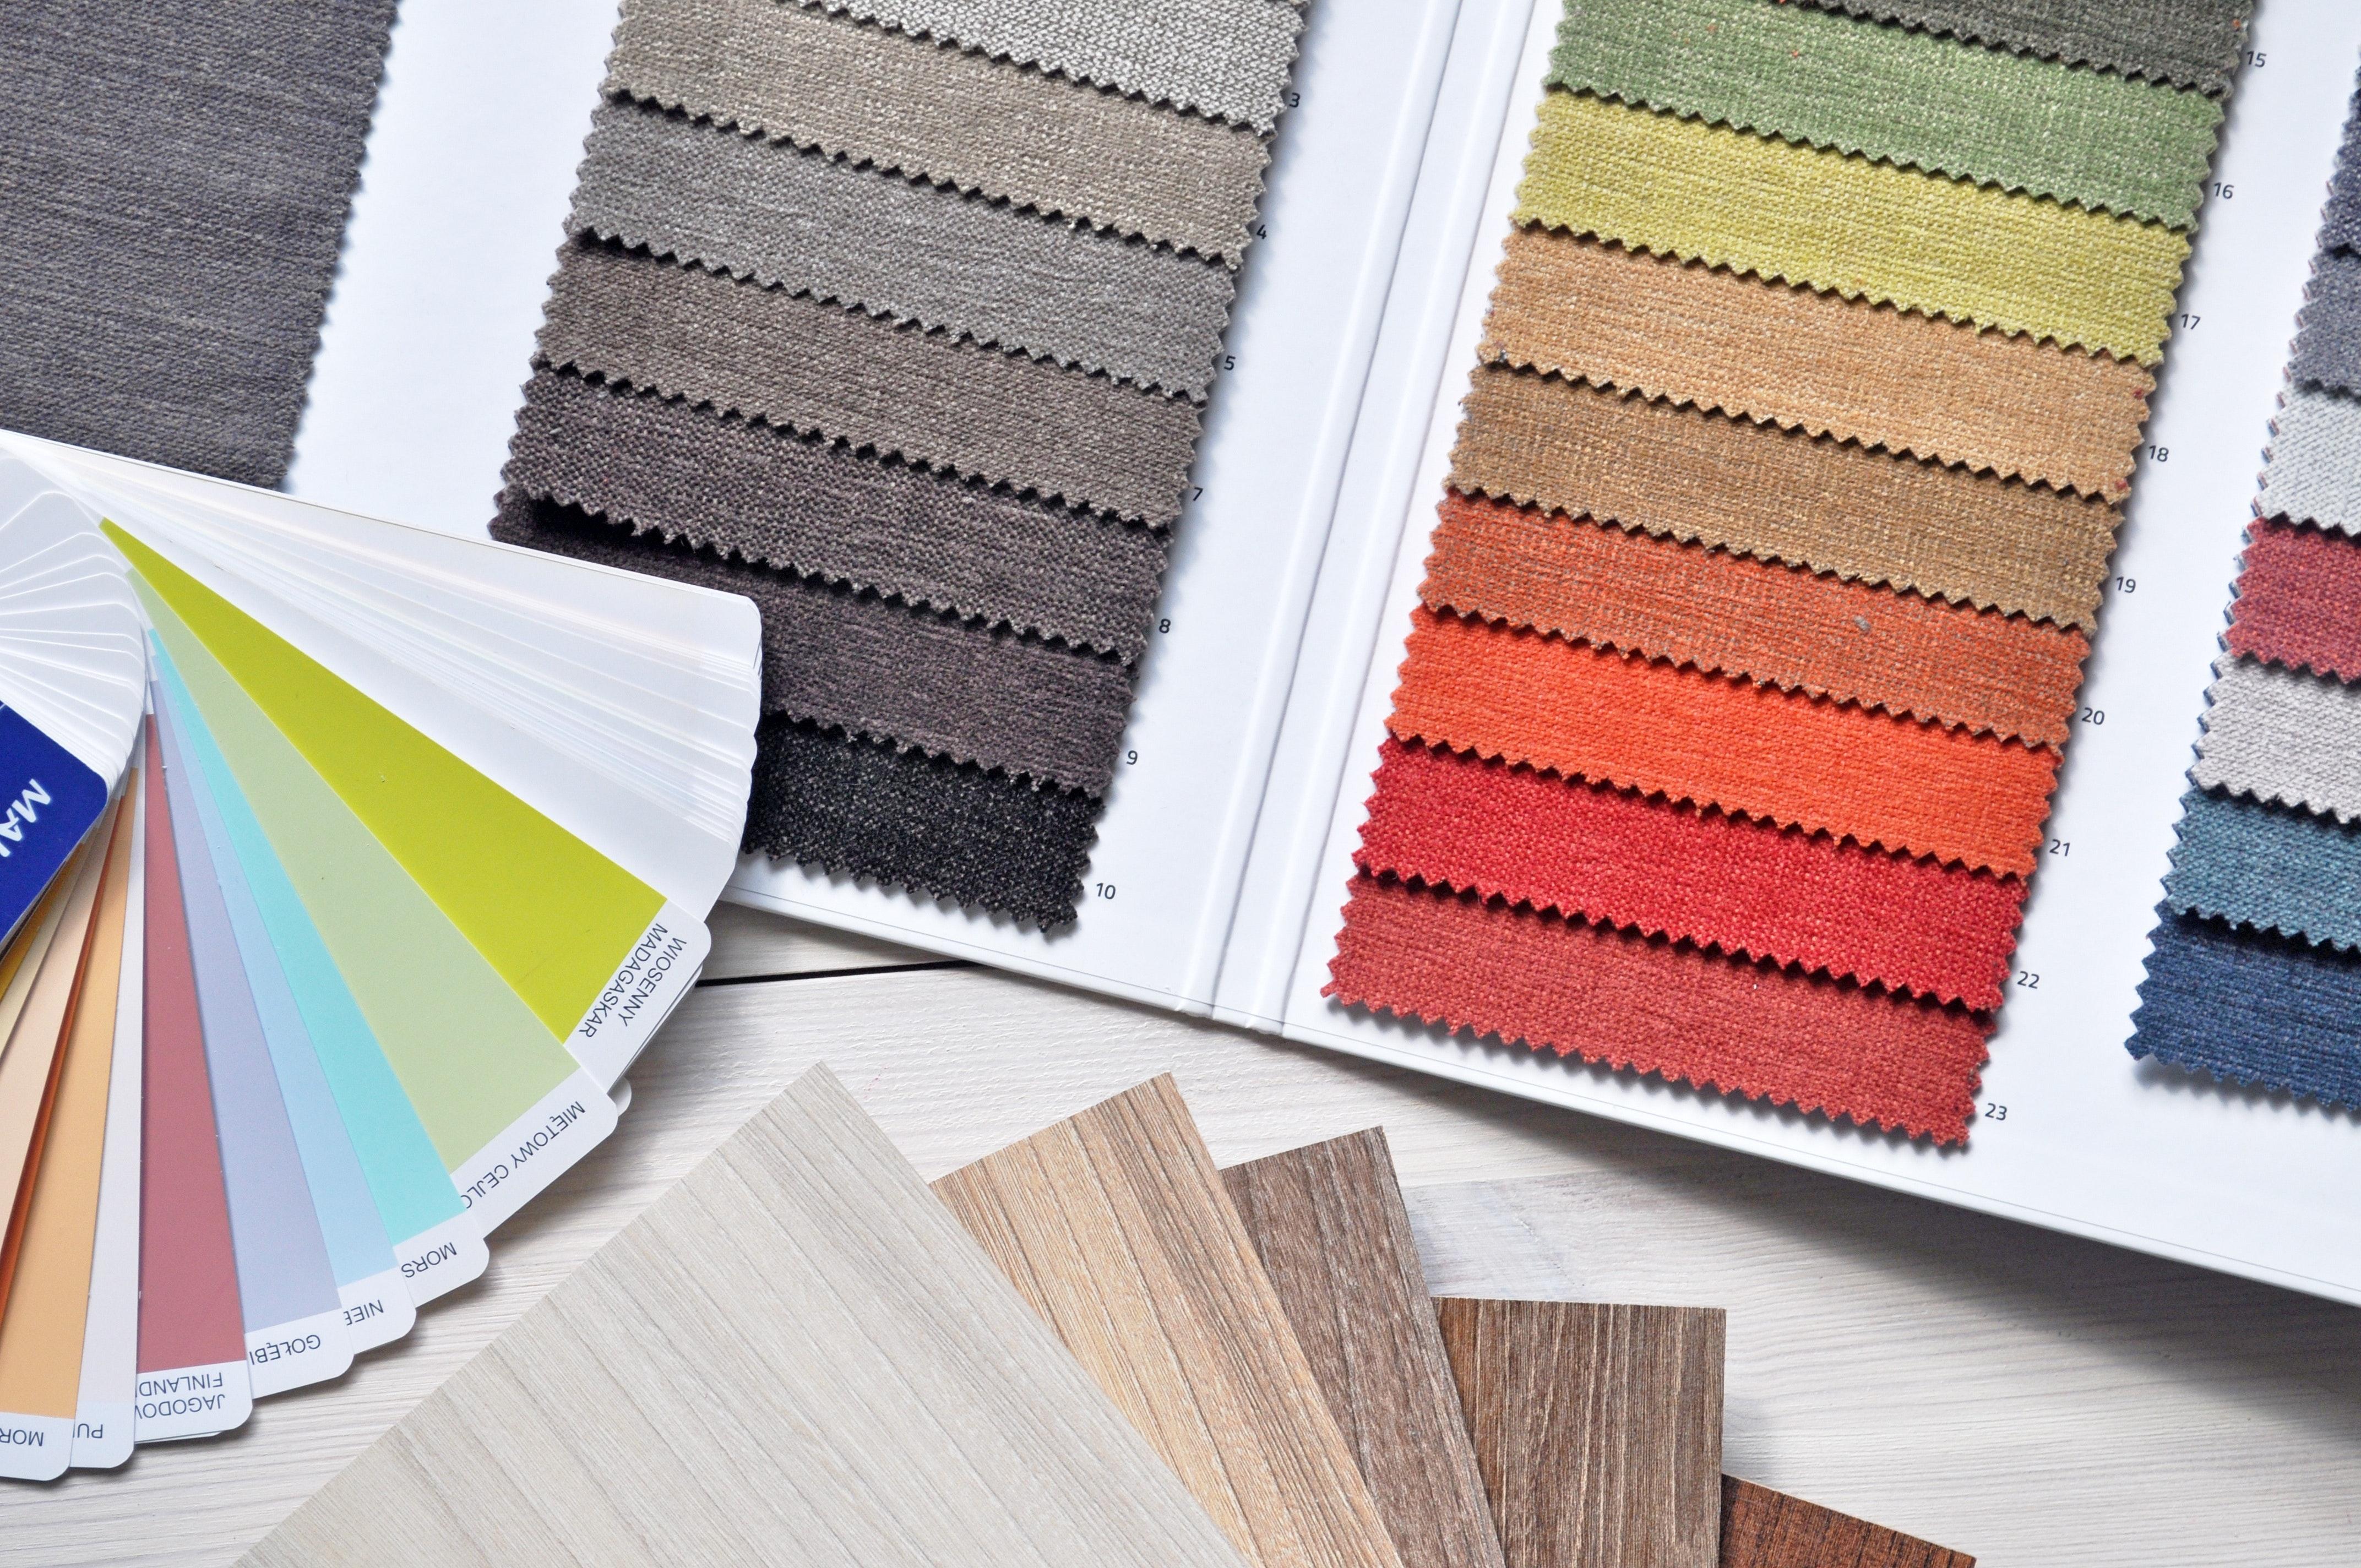 1000 engaging interior design photos pexels free stock photos rh pexels com interior design stock photos cost free interior design stock images